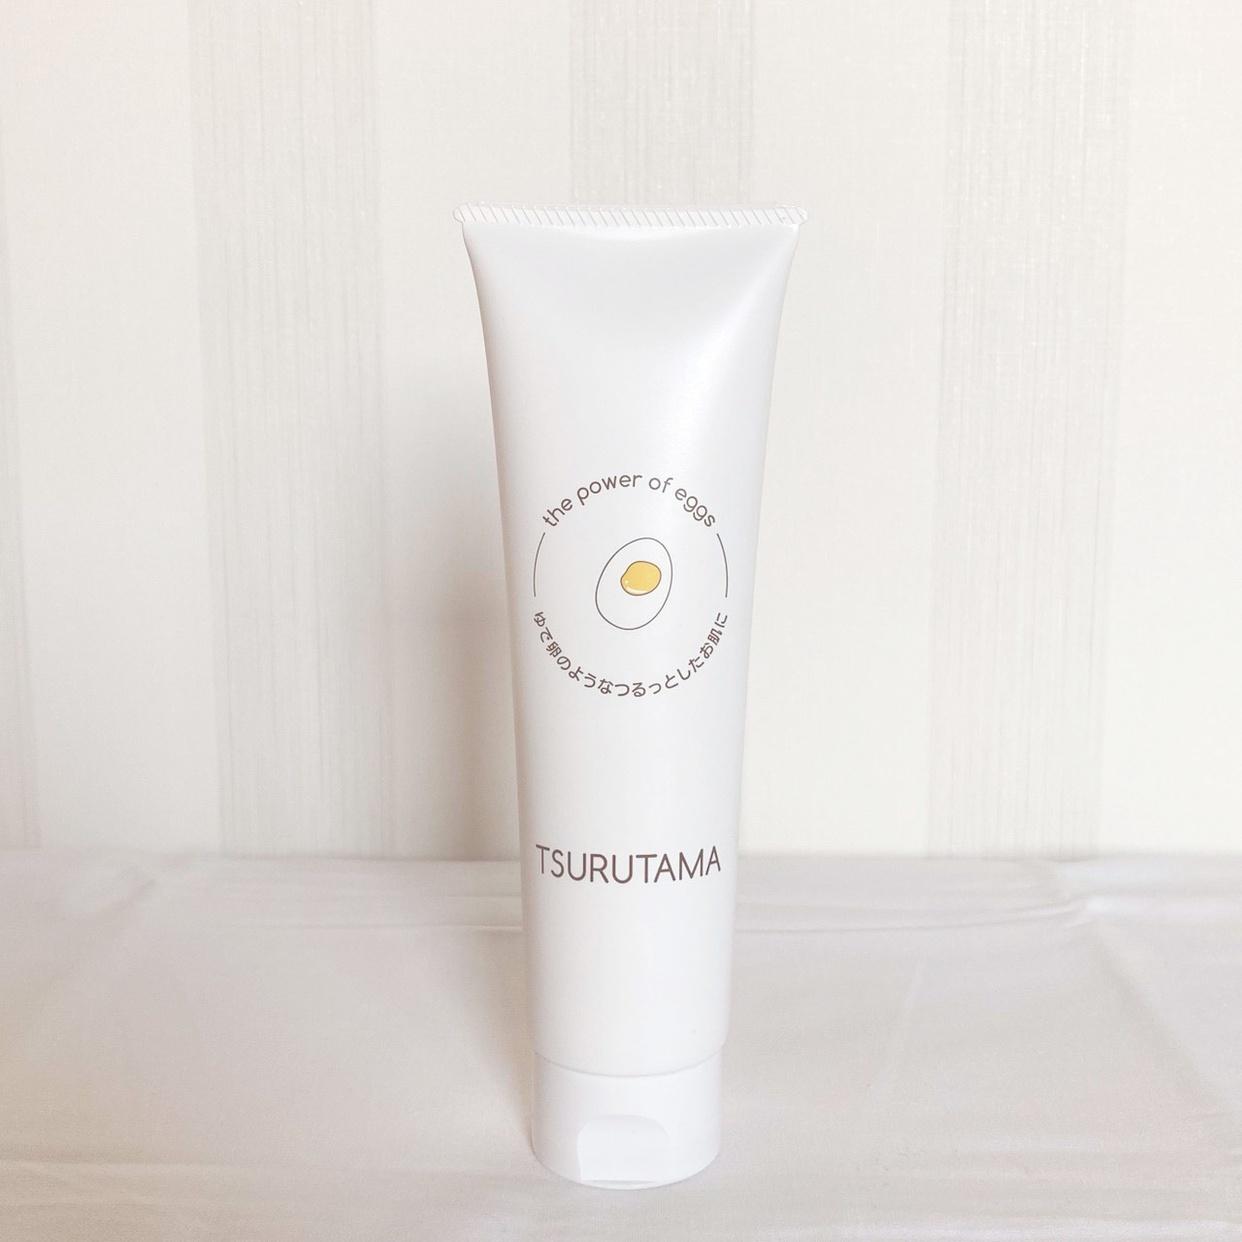 洗顔料おすすめ商品:TSURUTAMA(ツルタマ) 卵屋さんのしっとり洗顔